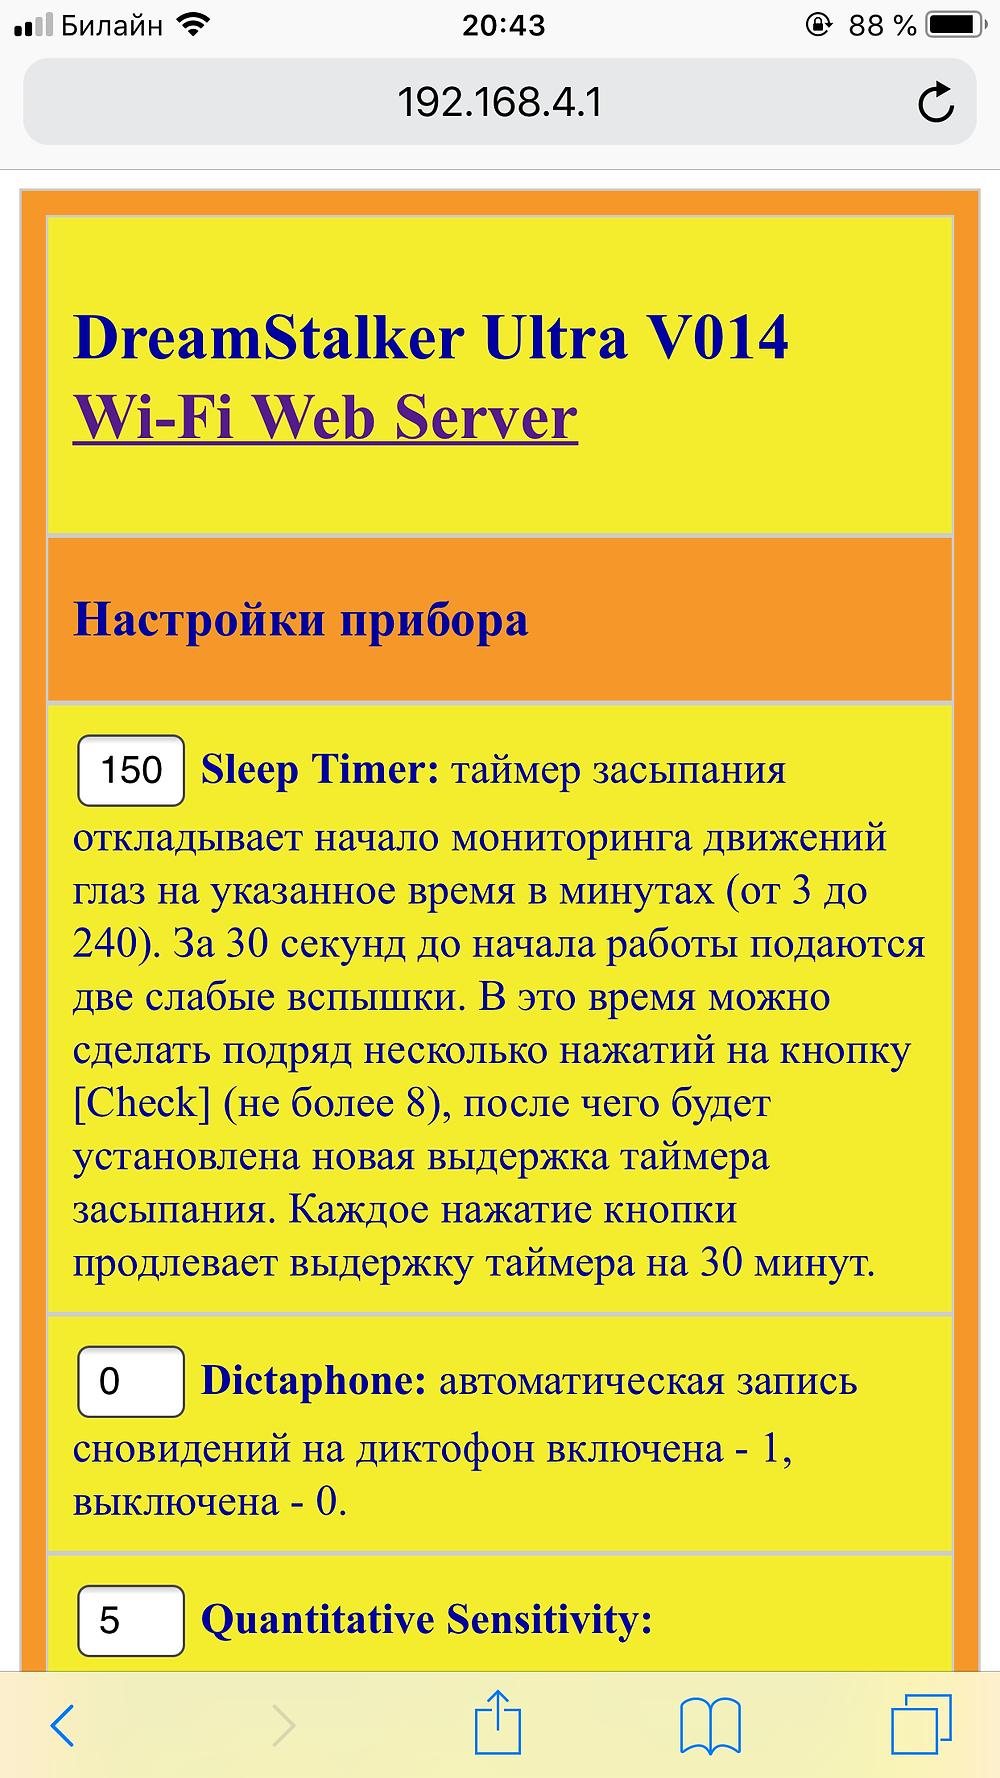 Разработка электроники и производство электронных устройств, веб-интерфейс прибора DreamStalker Ultra, картинка 1